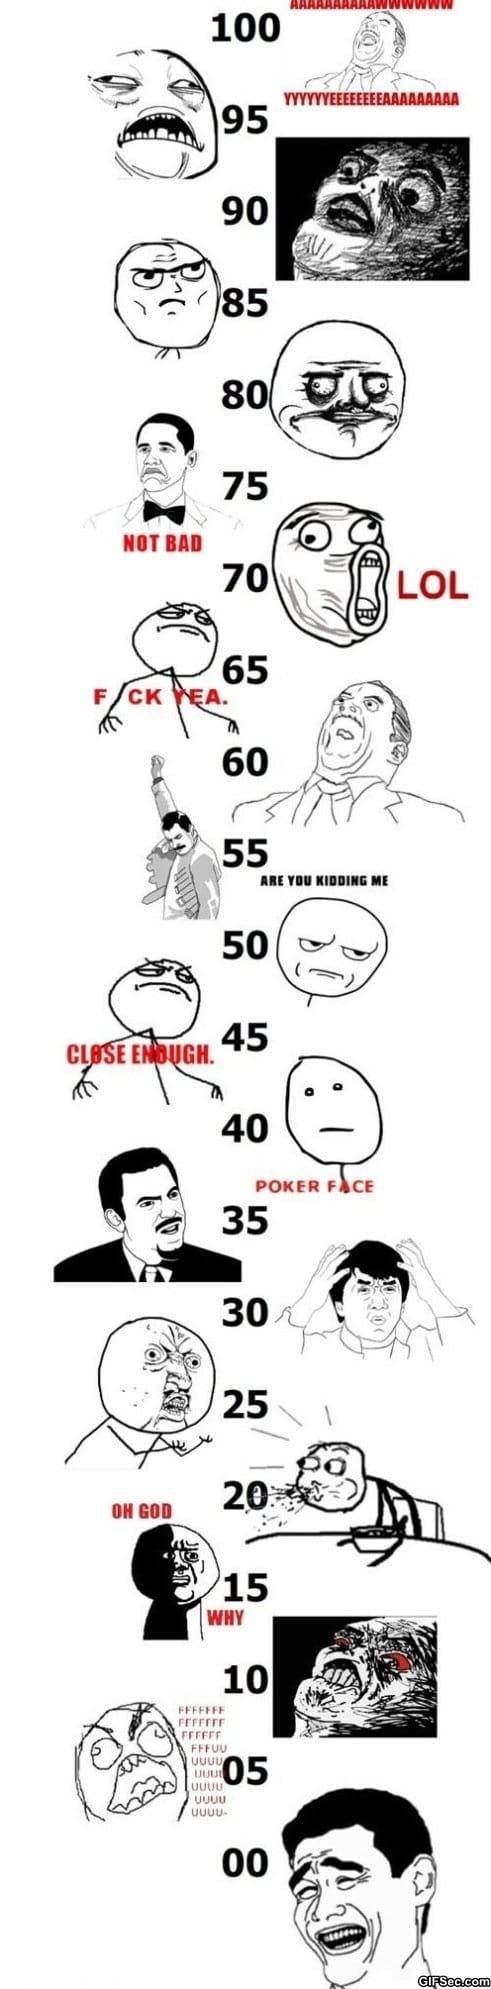 school-grades-according-to-rage-faces